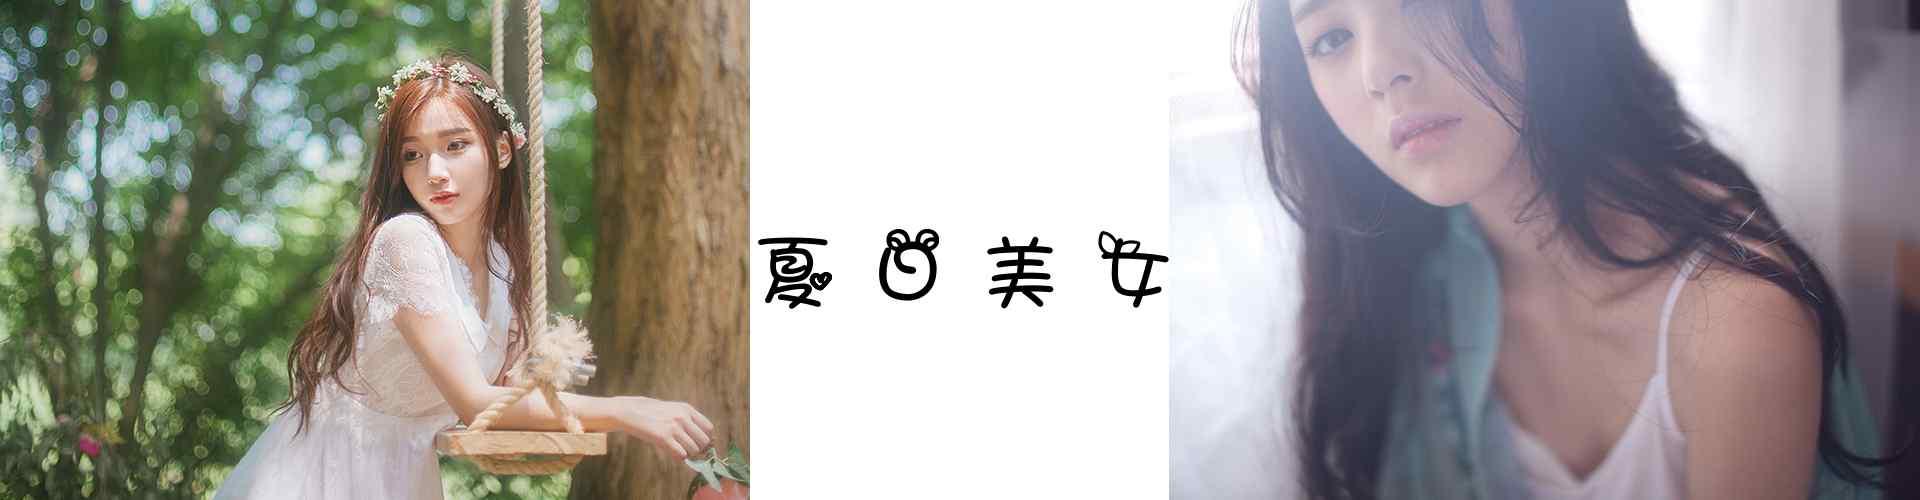 夏日美女圖(tu)片_性感美女圖(tu)片_清(qing)純美女圖(tu)片_時尚街拍圖(tu)片_高清(qing)美女壁紙